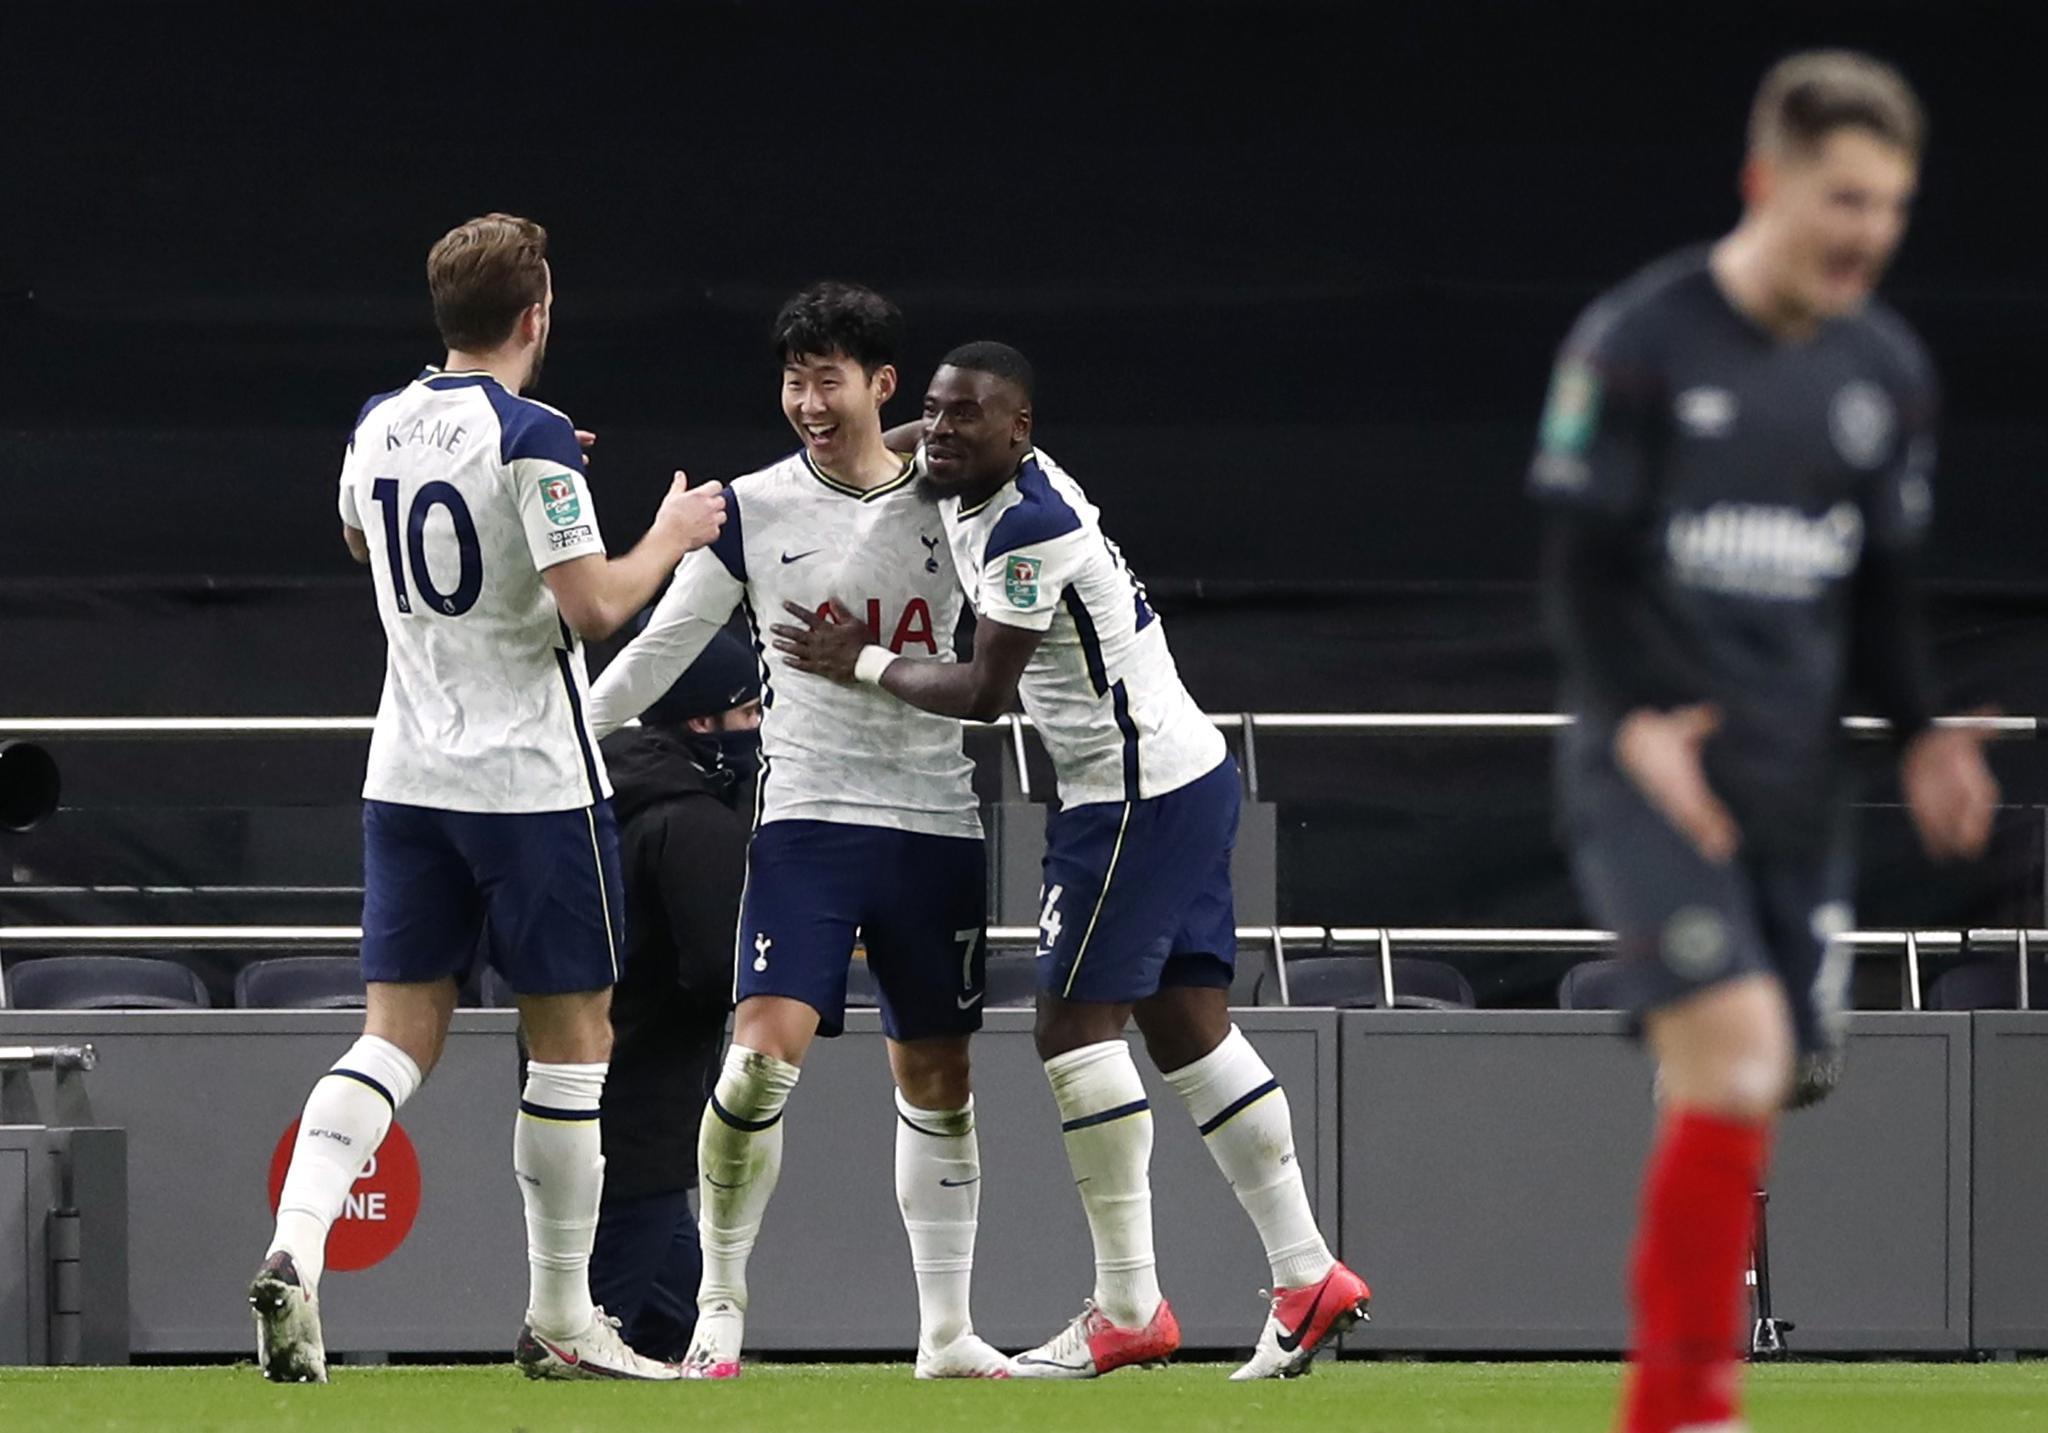 两球胜英冠球队 热刺晋级联赛杯决赛